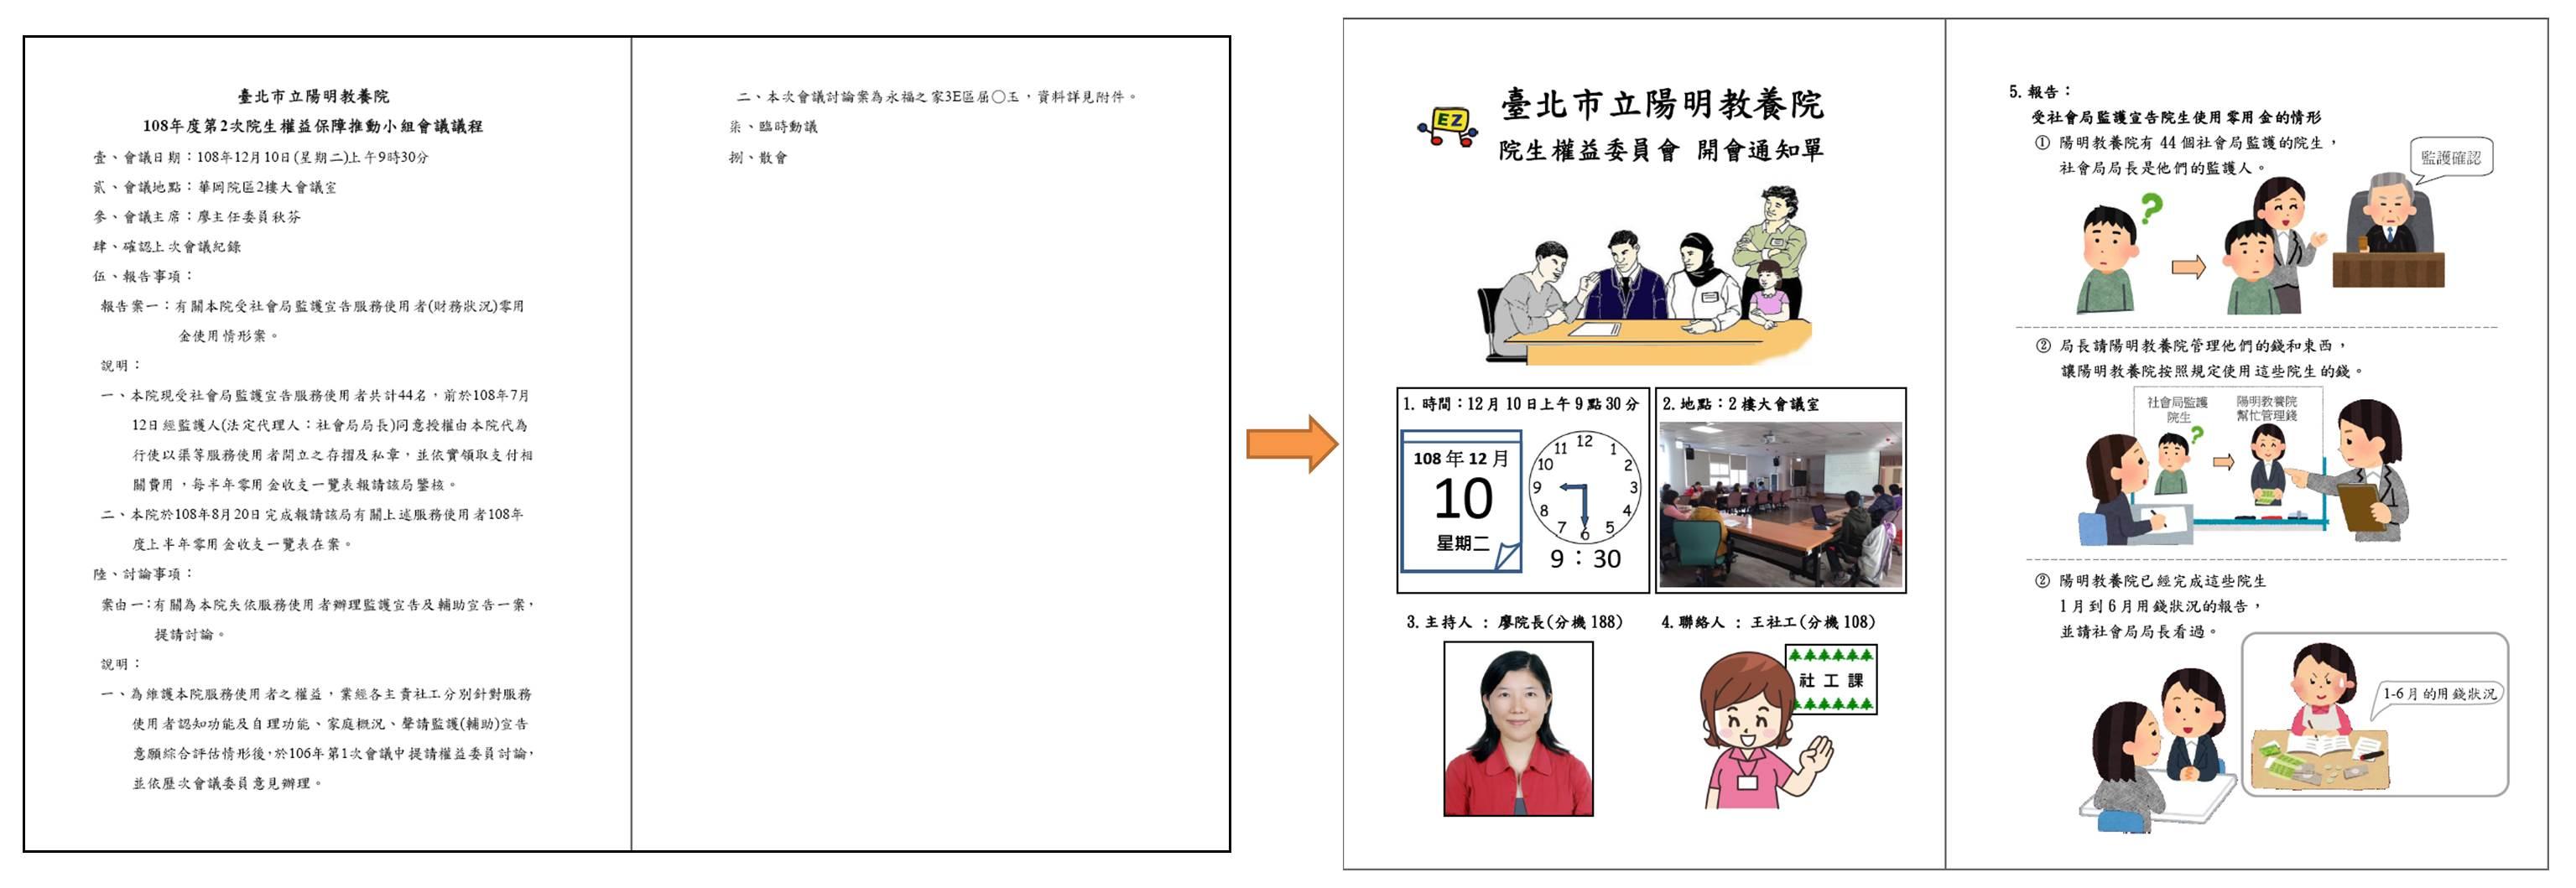 文件轉譯成易讀資訊